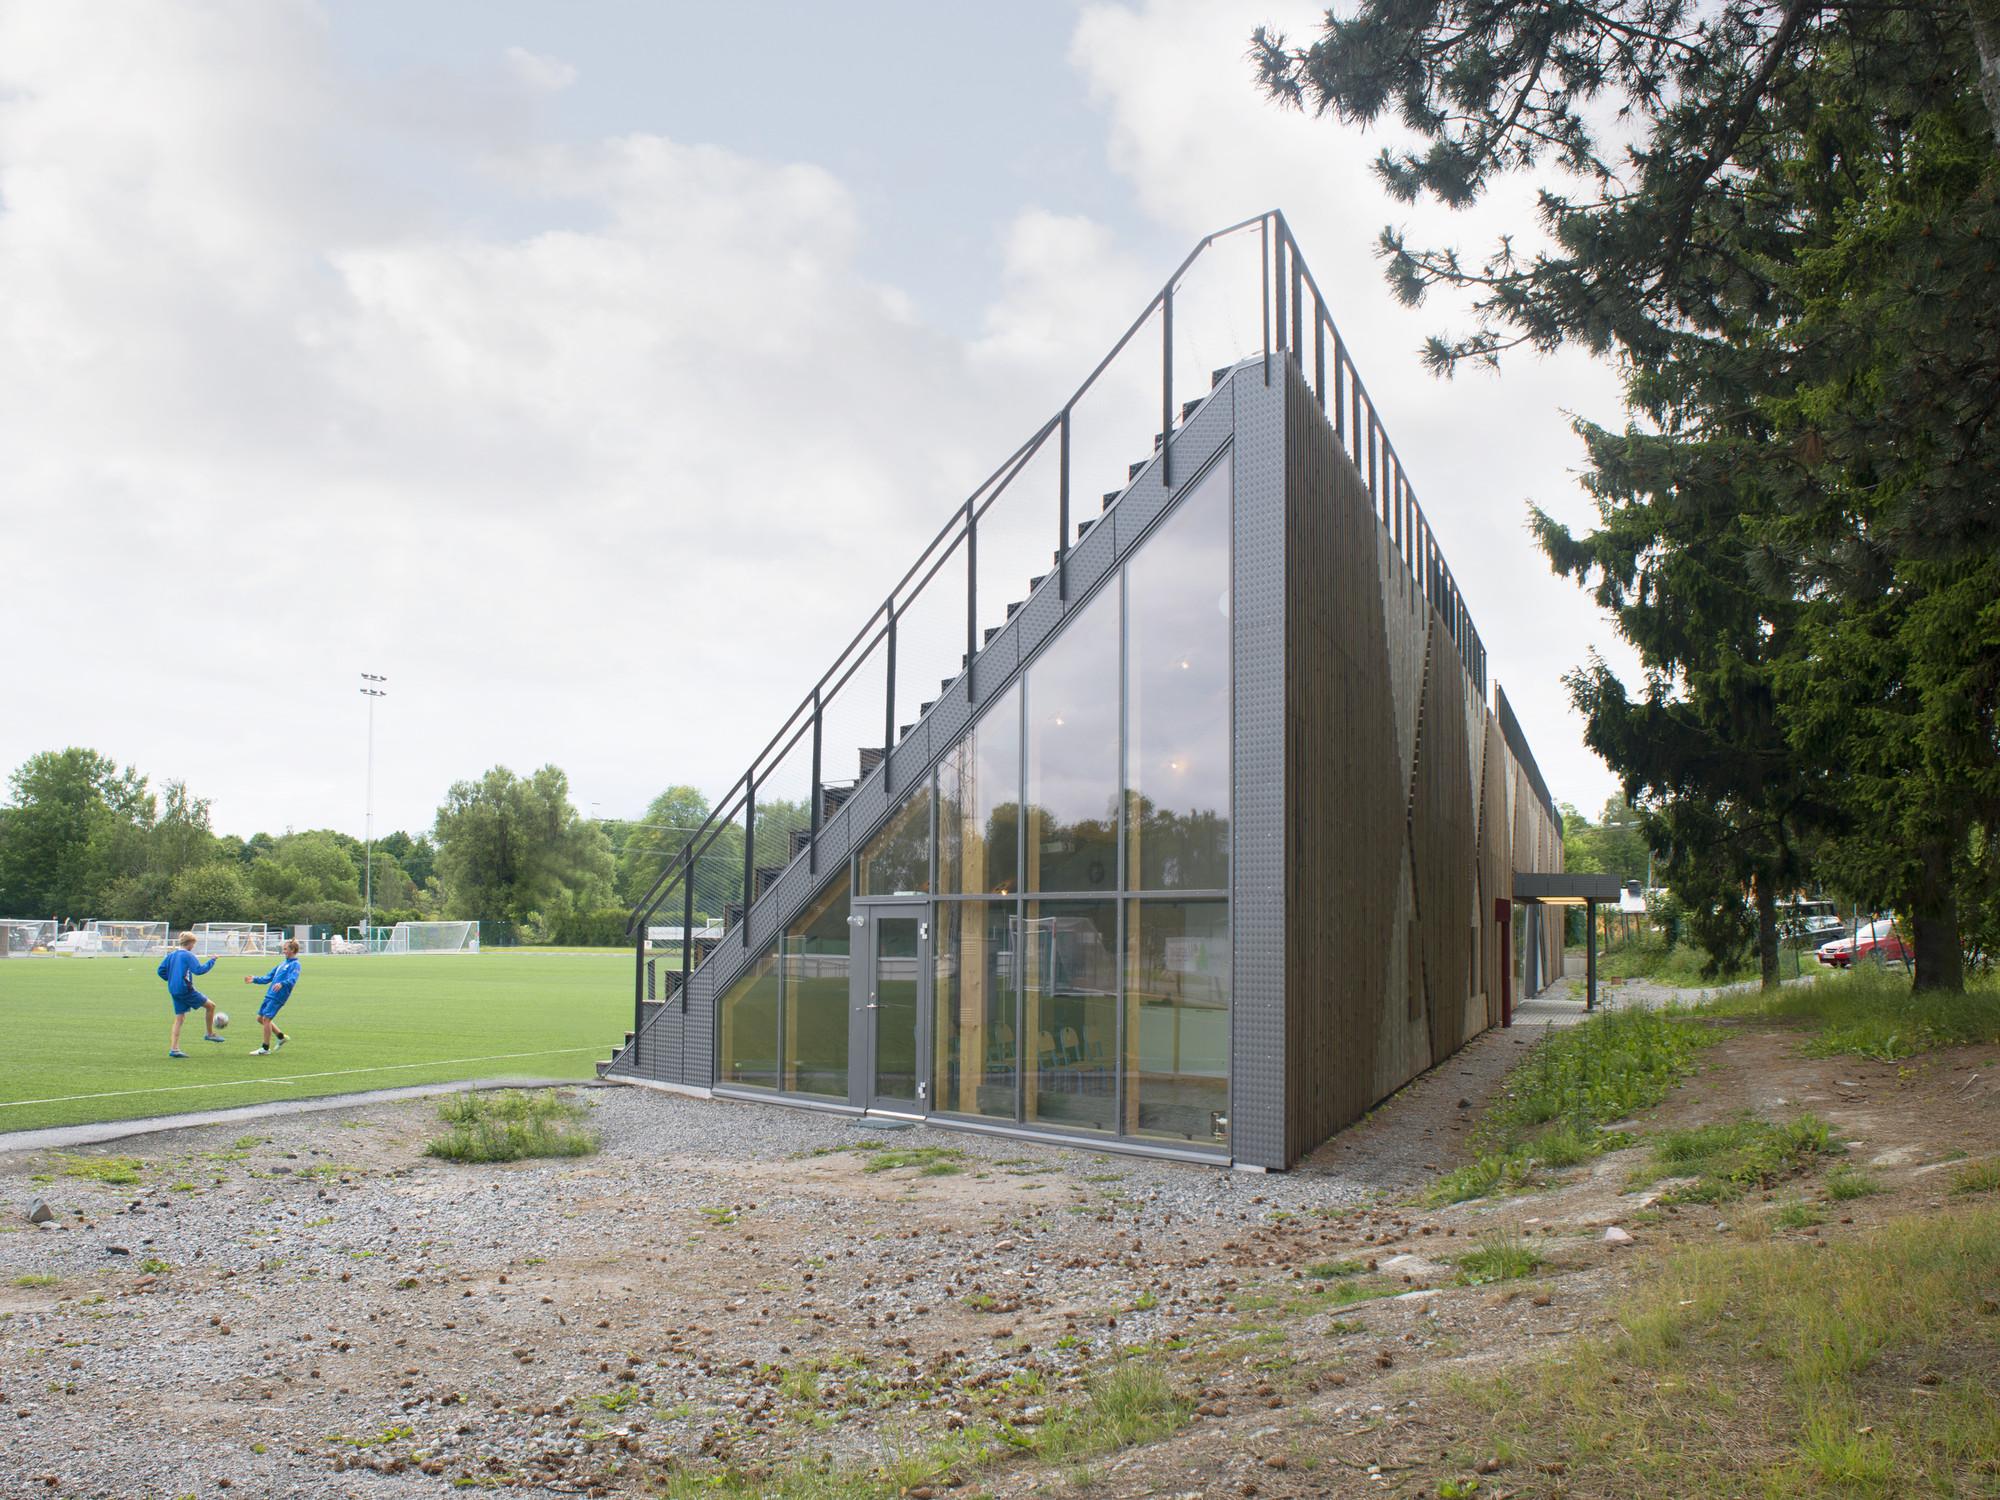 Liding 246 Vallen Small Football Stadium Dinelljohansson